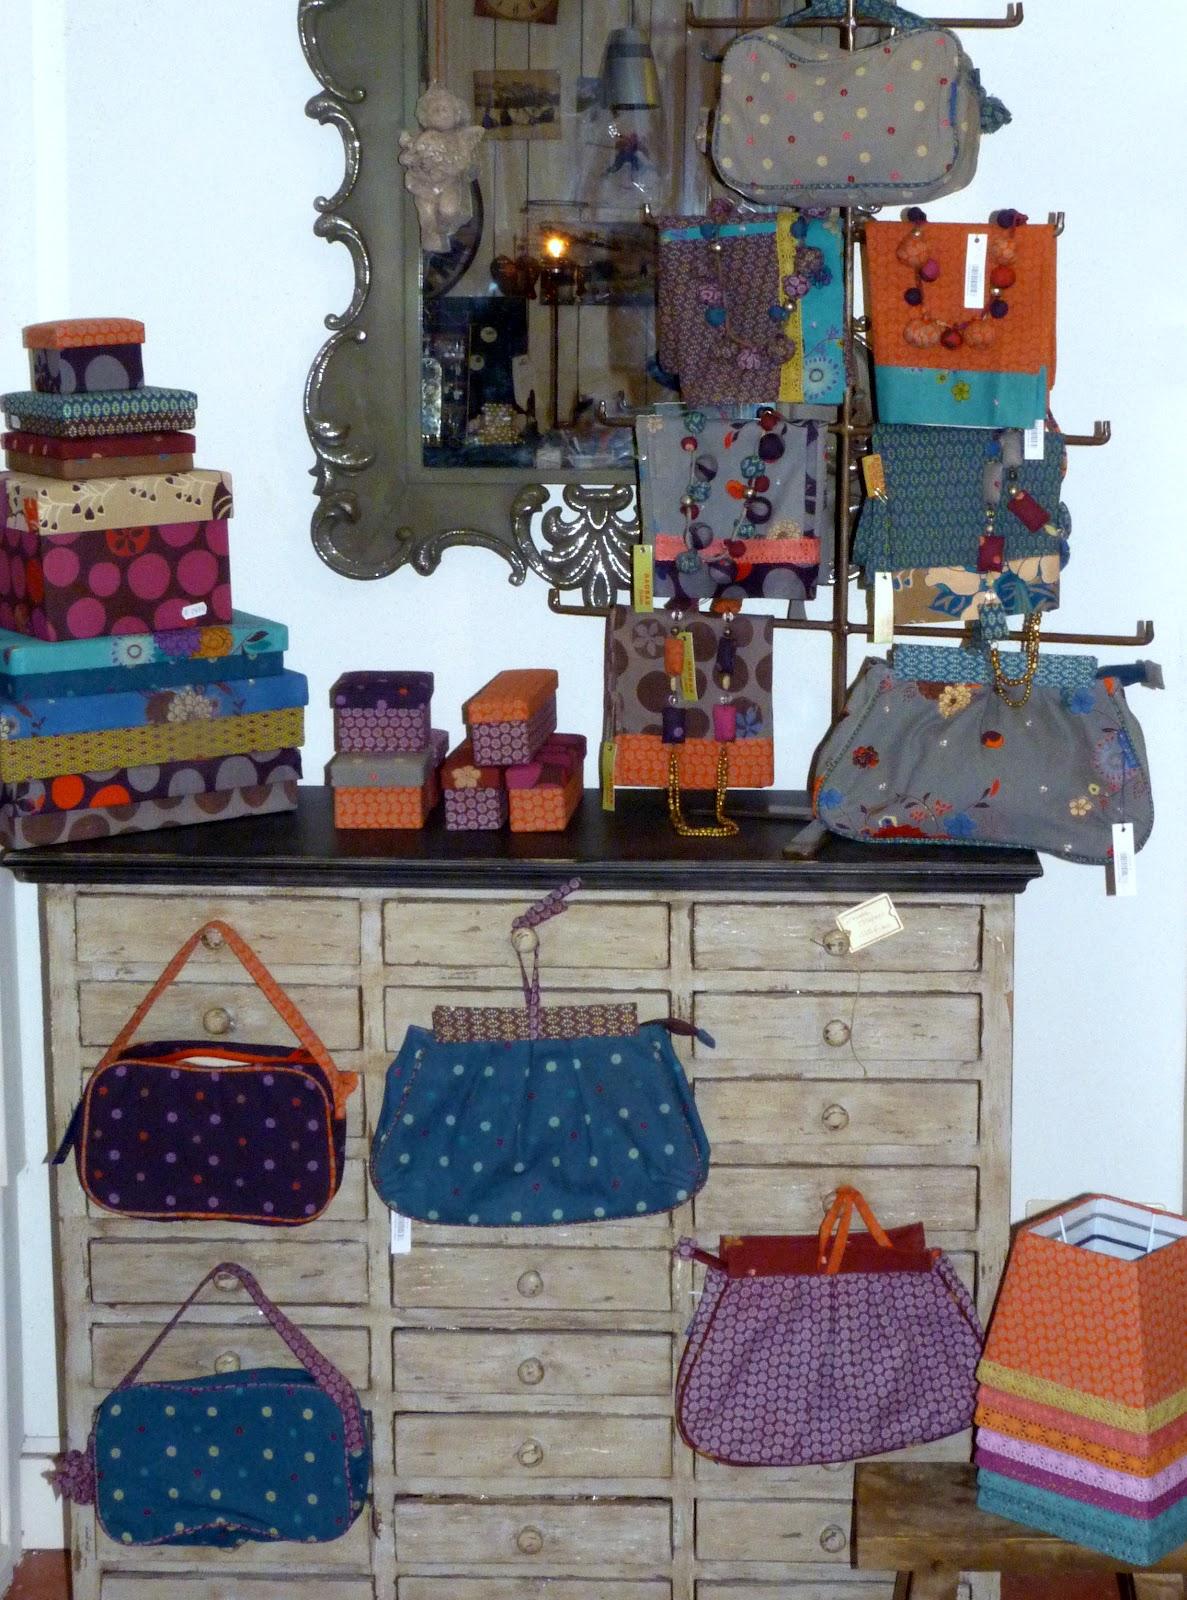 carpe diem deco charente maritime y jaipur un binomio de colores y originalidad. Black Bedroom Furniture Sets. Home Design Ideas